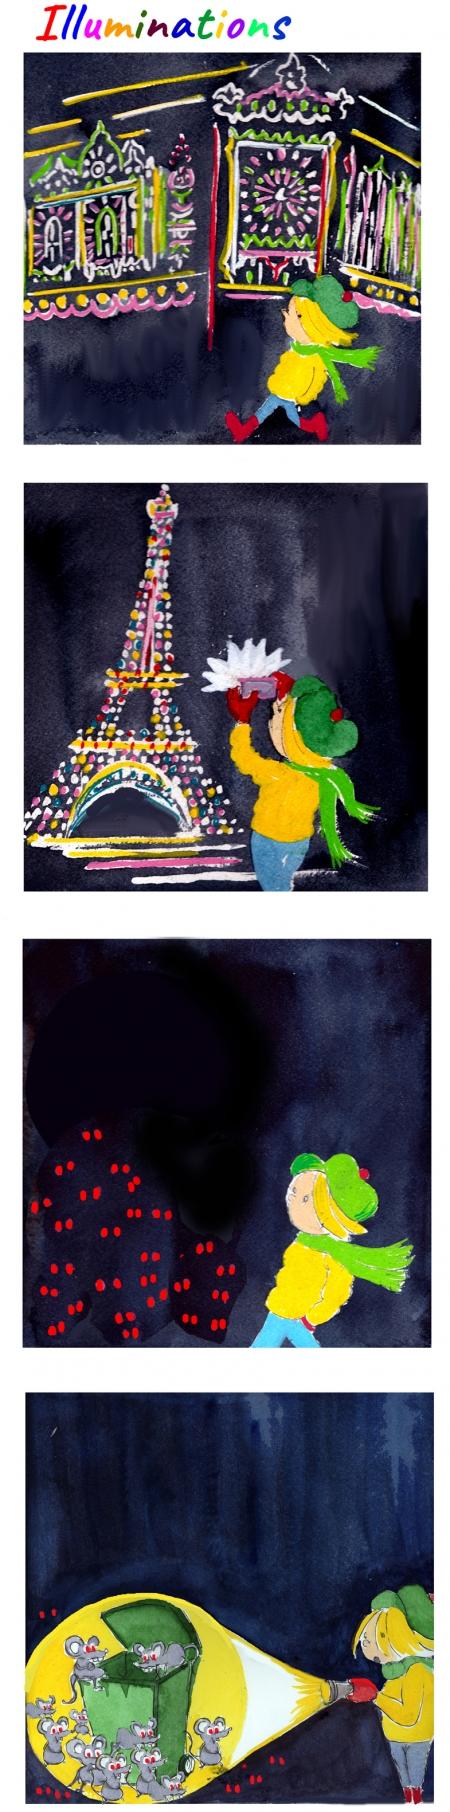 webzine,bd,gratuit,zébra,bande-dessinée,fanzine,strip,lola,aurélie dekeyser,paris,rats,illuminations,tour eiffel,lumière,ville-lumière